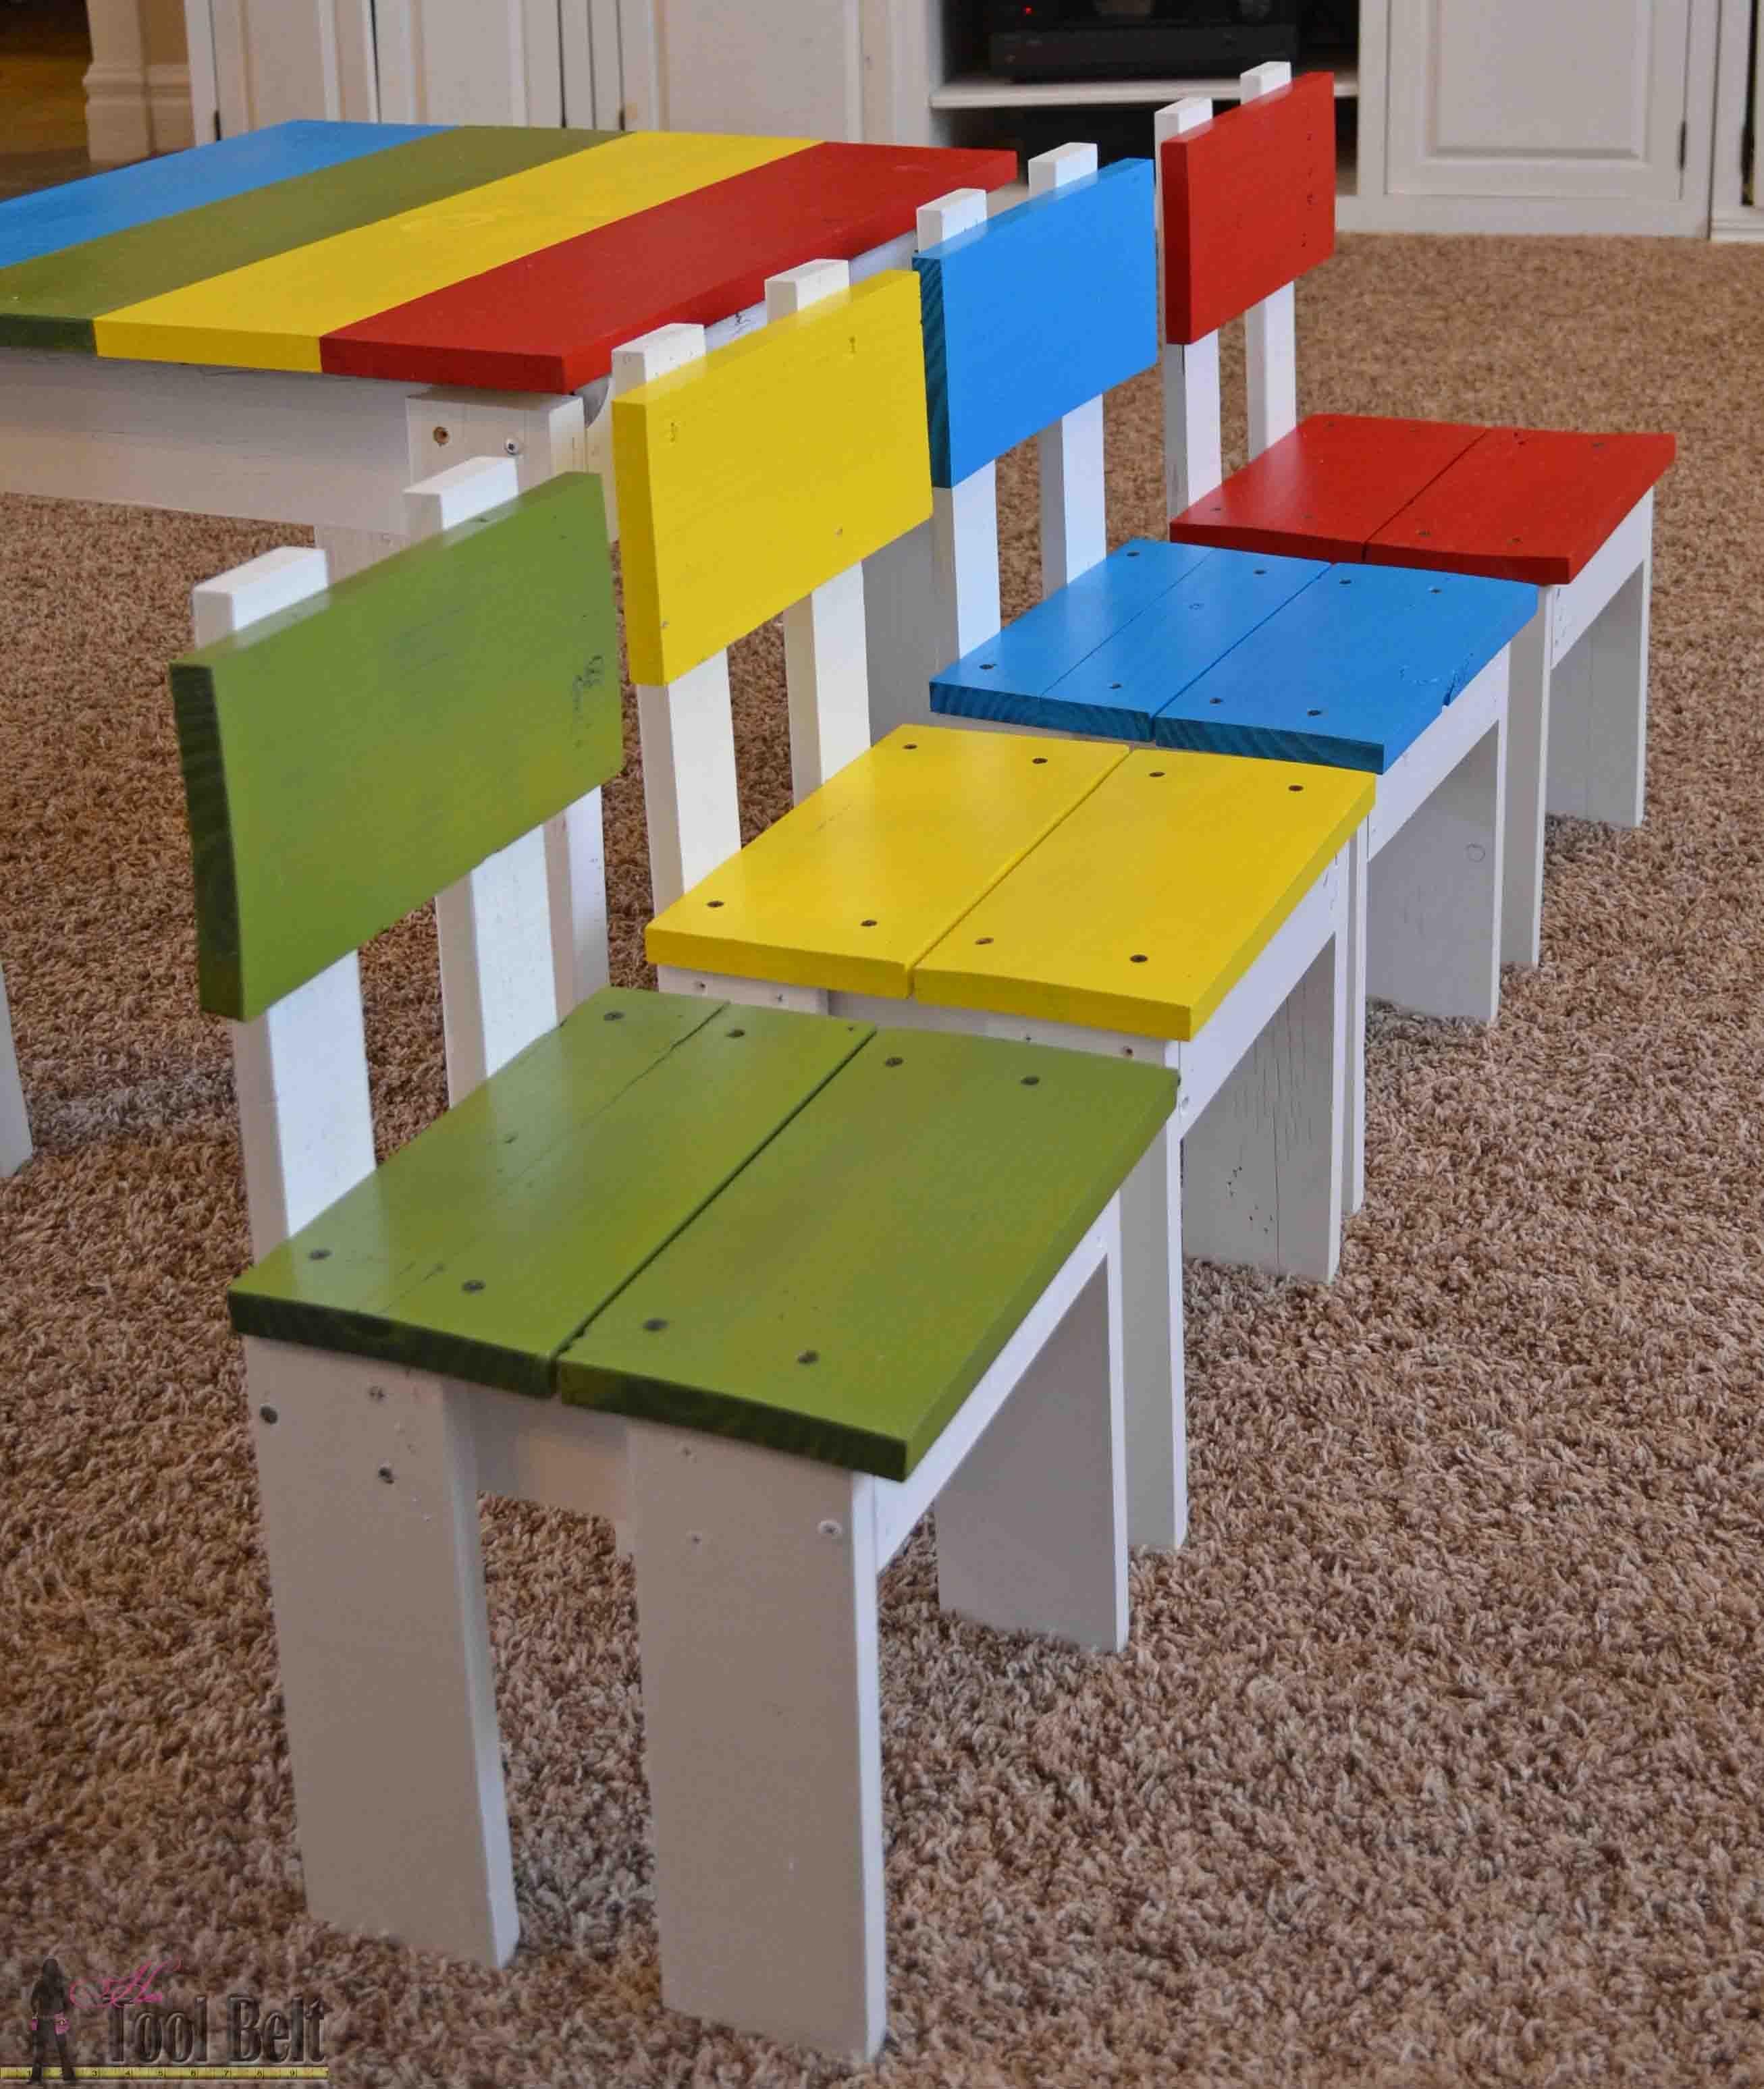 Construir una mesa y una silla fácil configuración para los niños ...